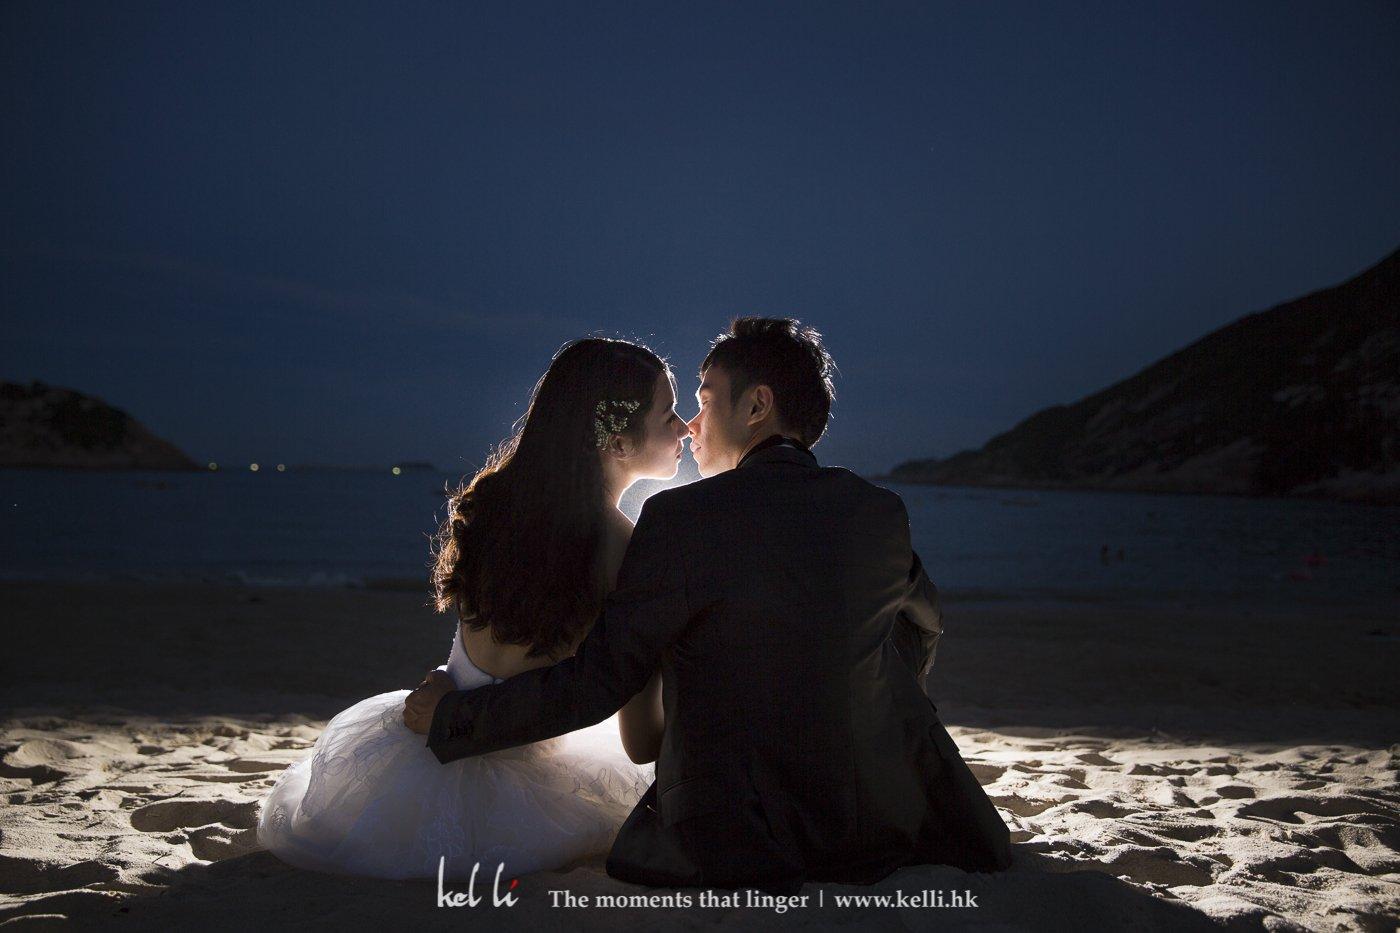 香港沙灘拍攝婚紗照